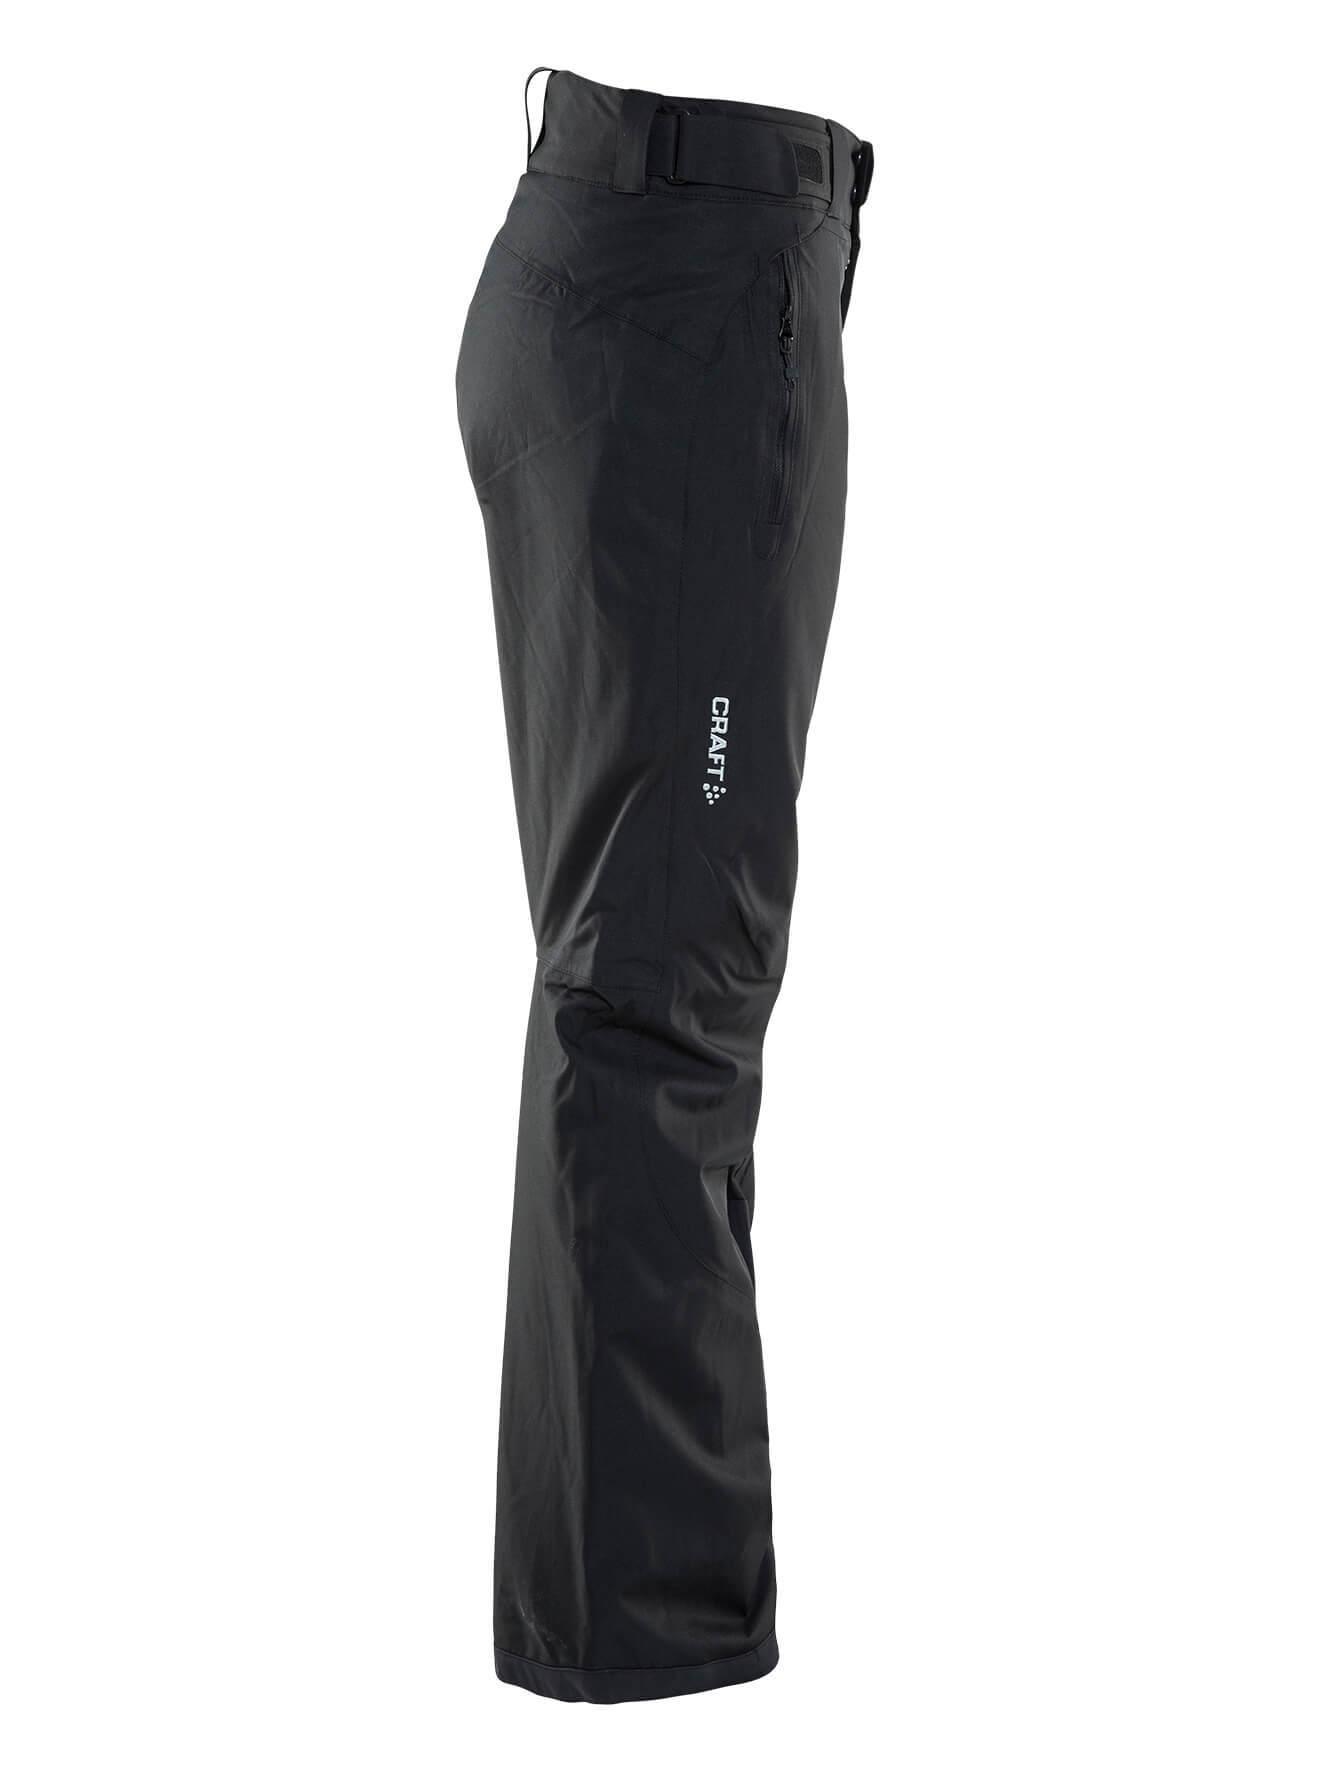 Craft Alpine Eira женские теплые лыжные брюки - 3